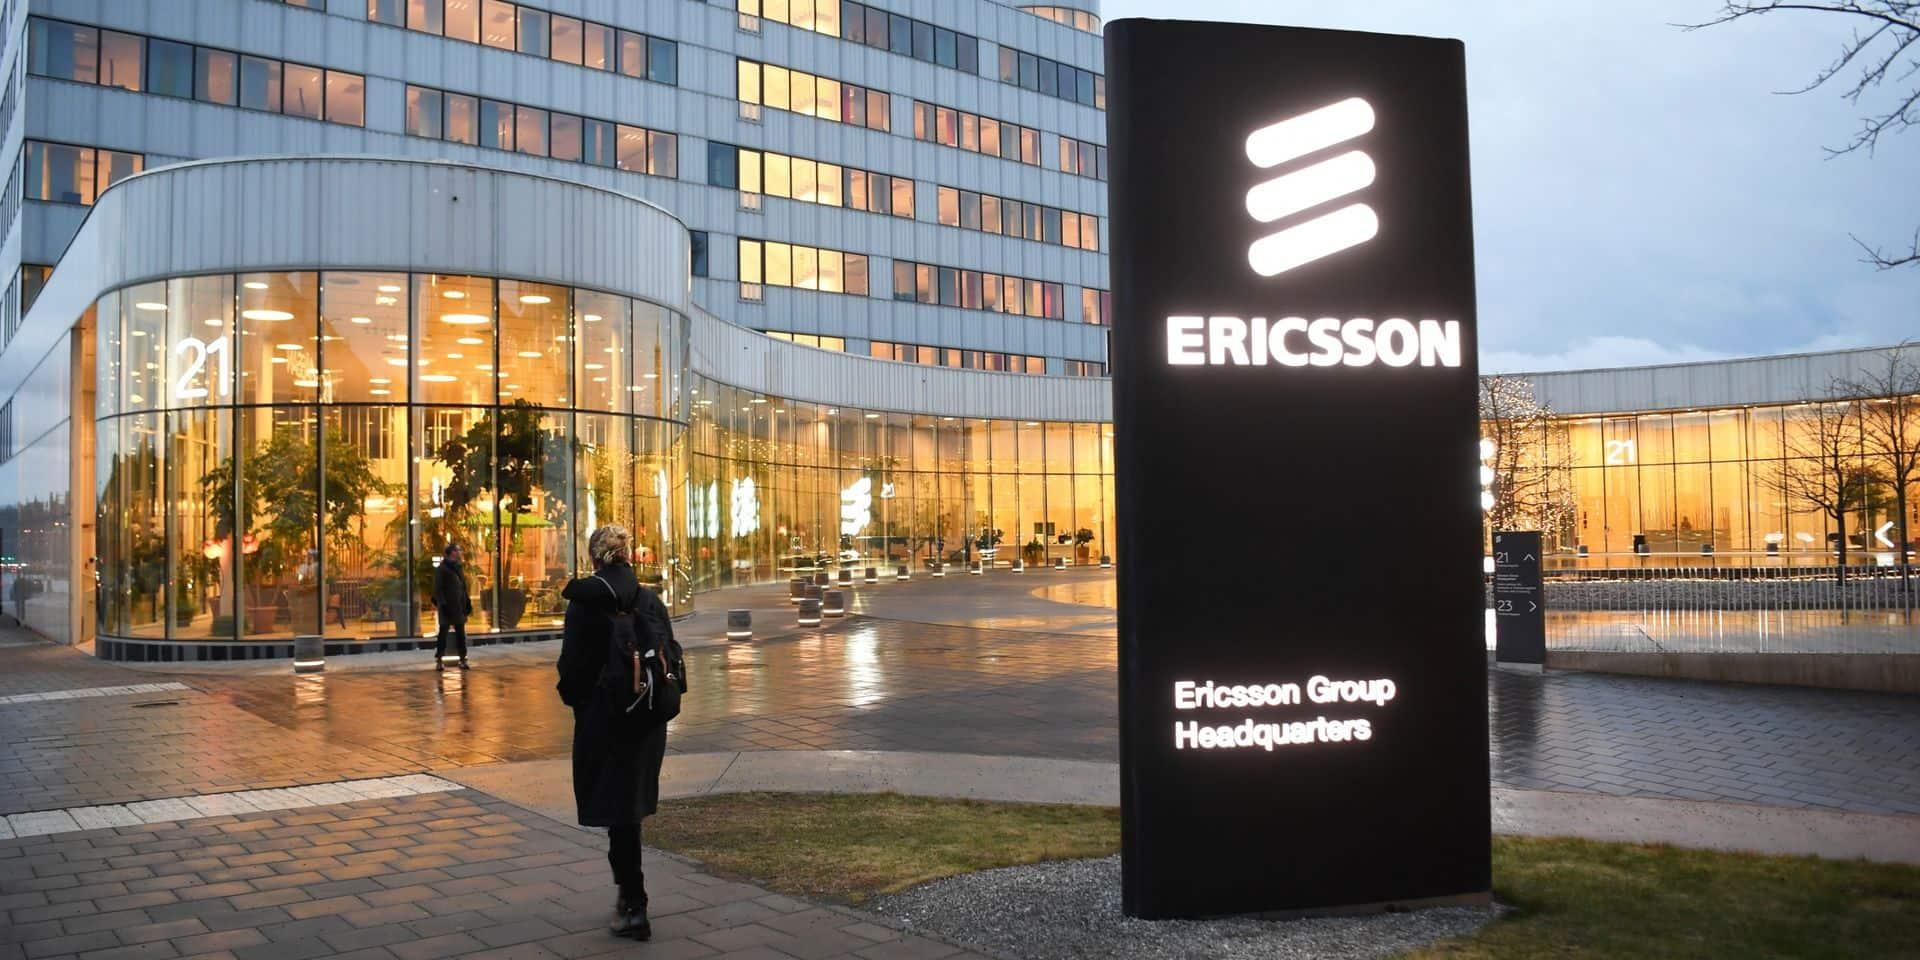 L'équipementier télécoms suédois Ericsson, l'un des principaux fournisseurs des opérateurs dans le monde, a annoncé vendredi qu'il annulait sa présence au salon mondial du mobile (MWC) mettant à mal l'organisation de l'événement.